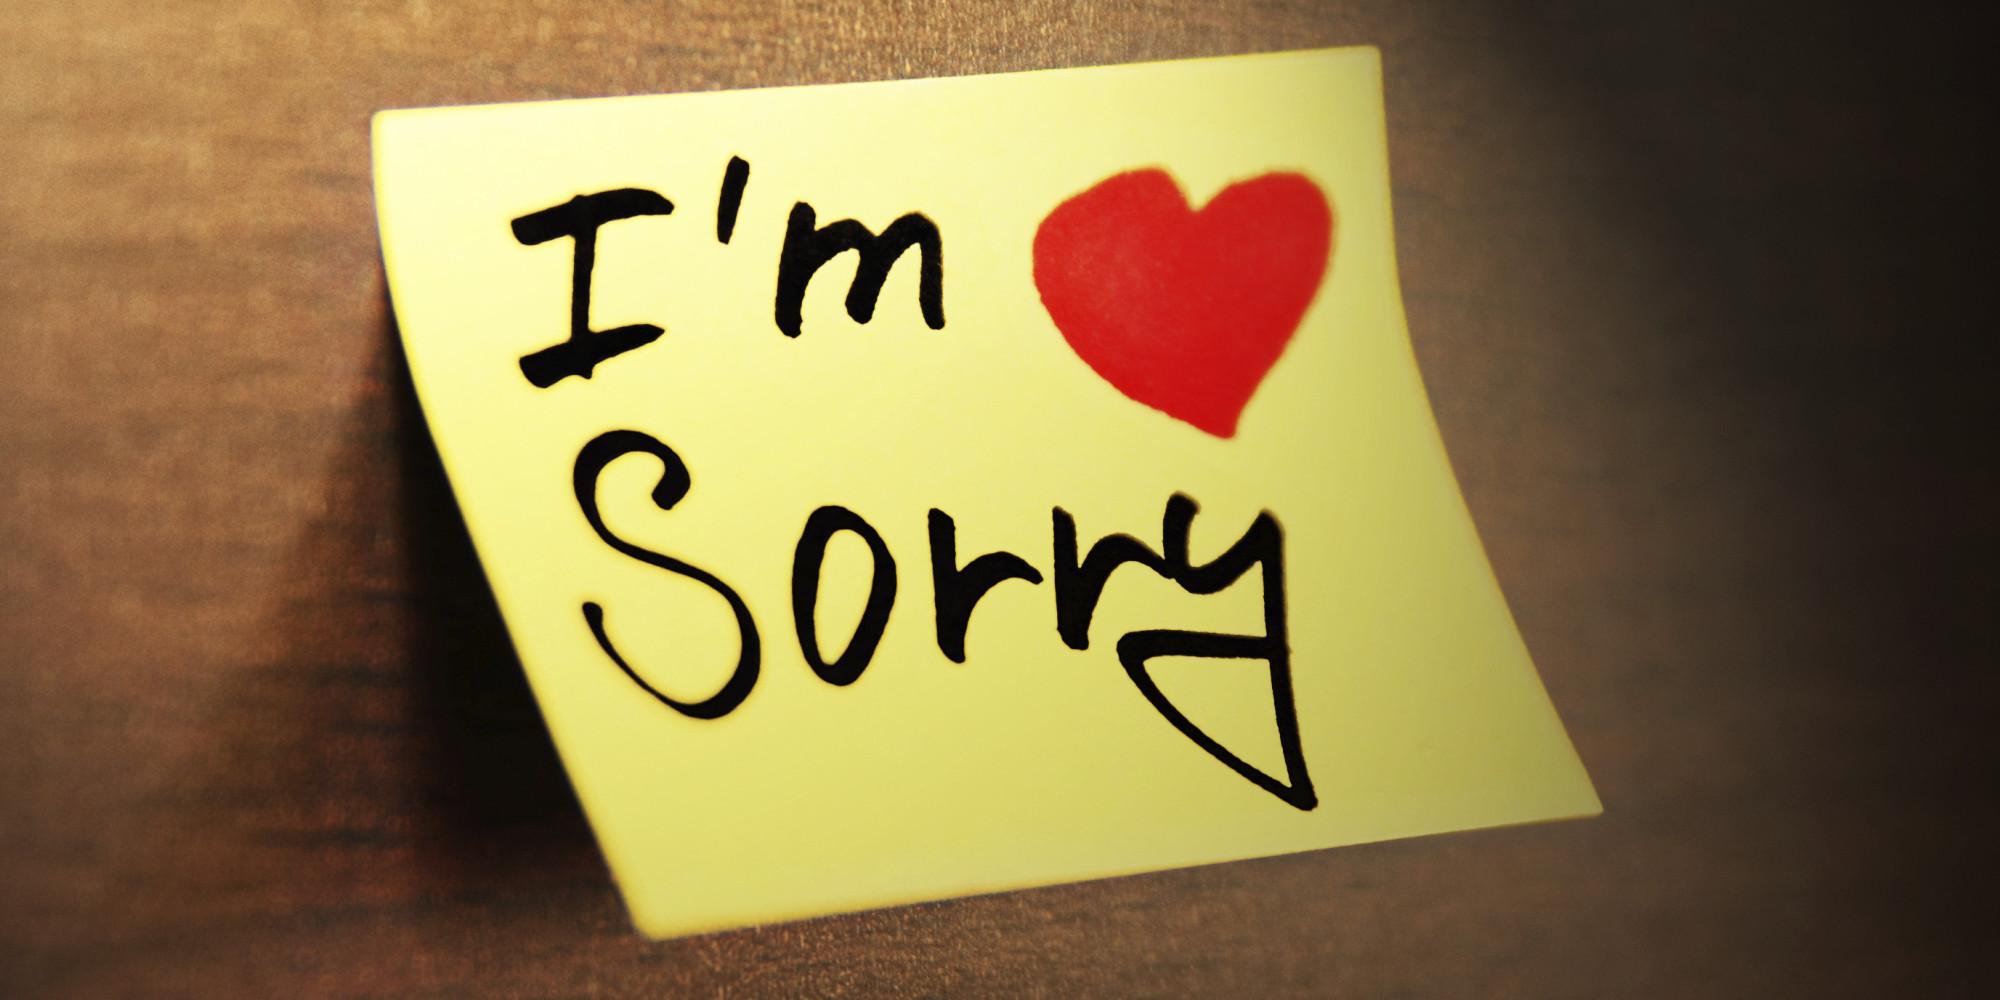 صورة كلمات اعتذار للحبيب , اتاسف للحبيب